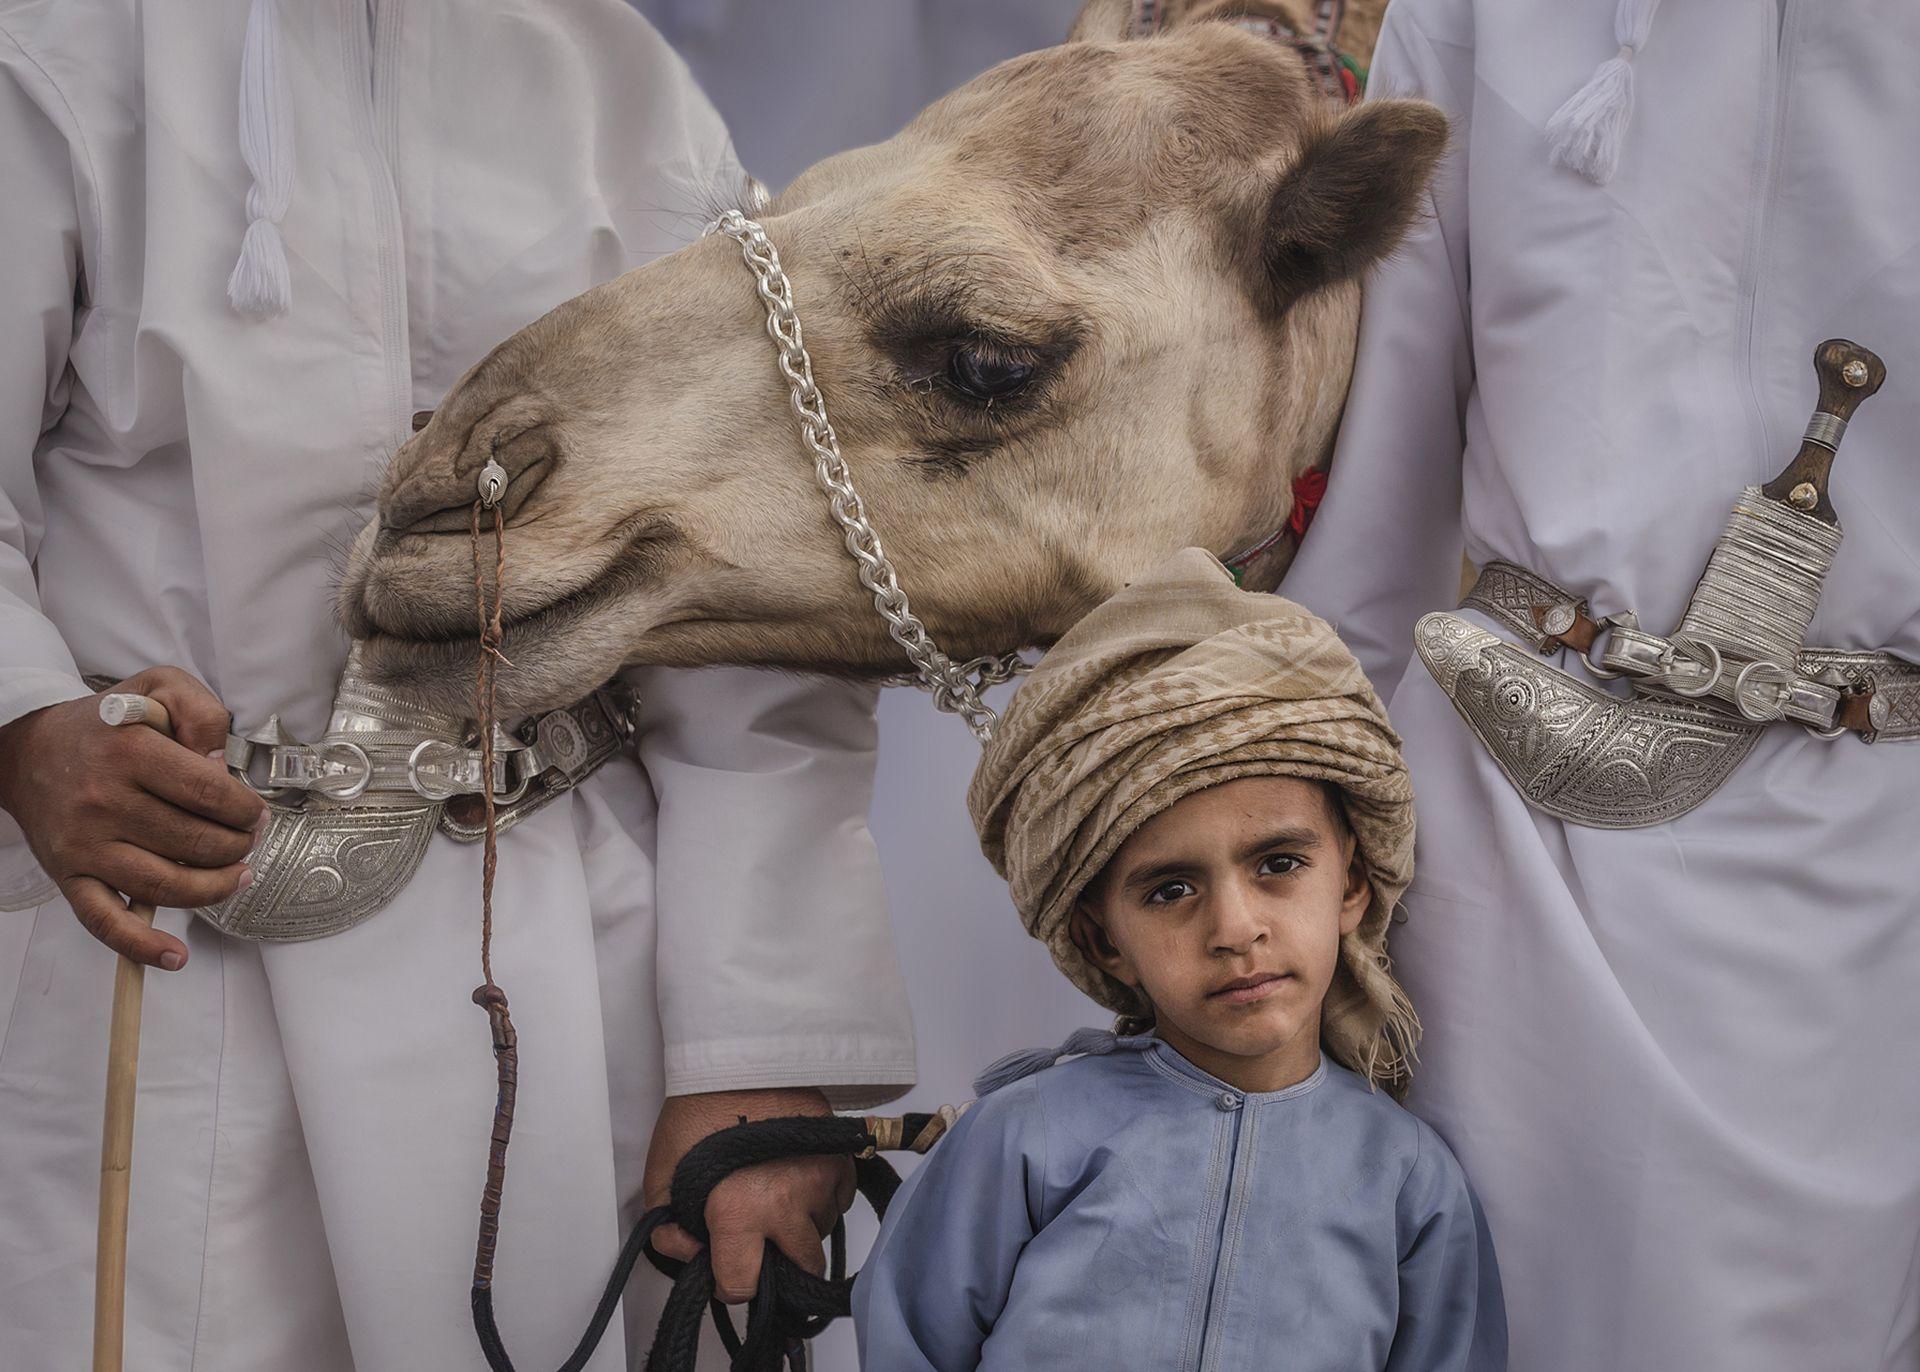 The Bedouin Boy